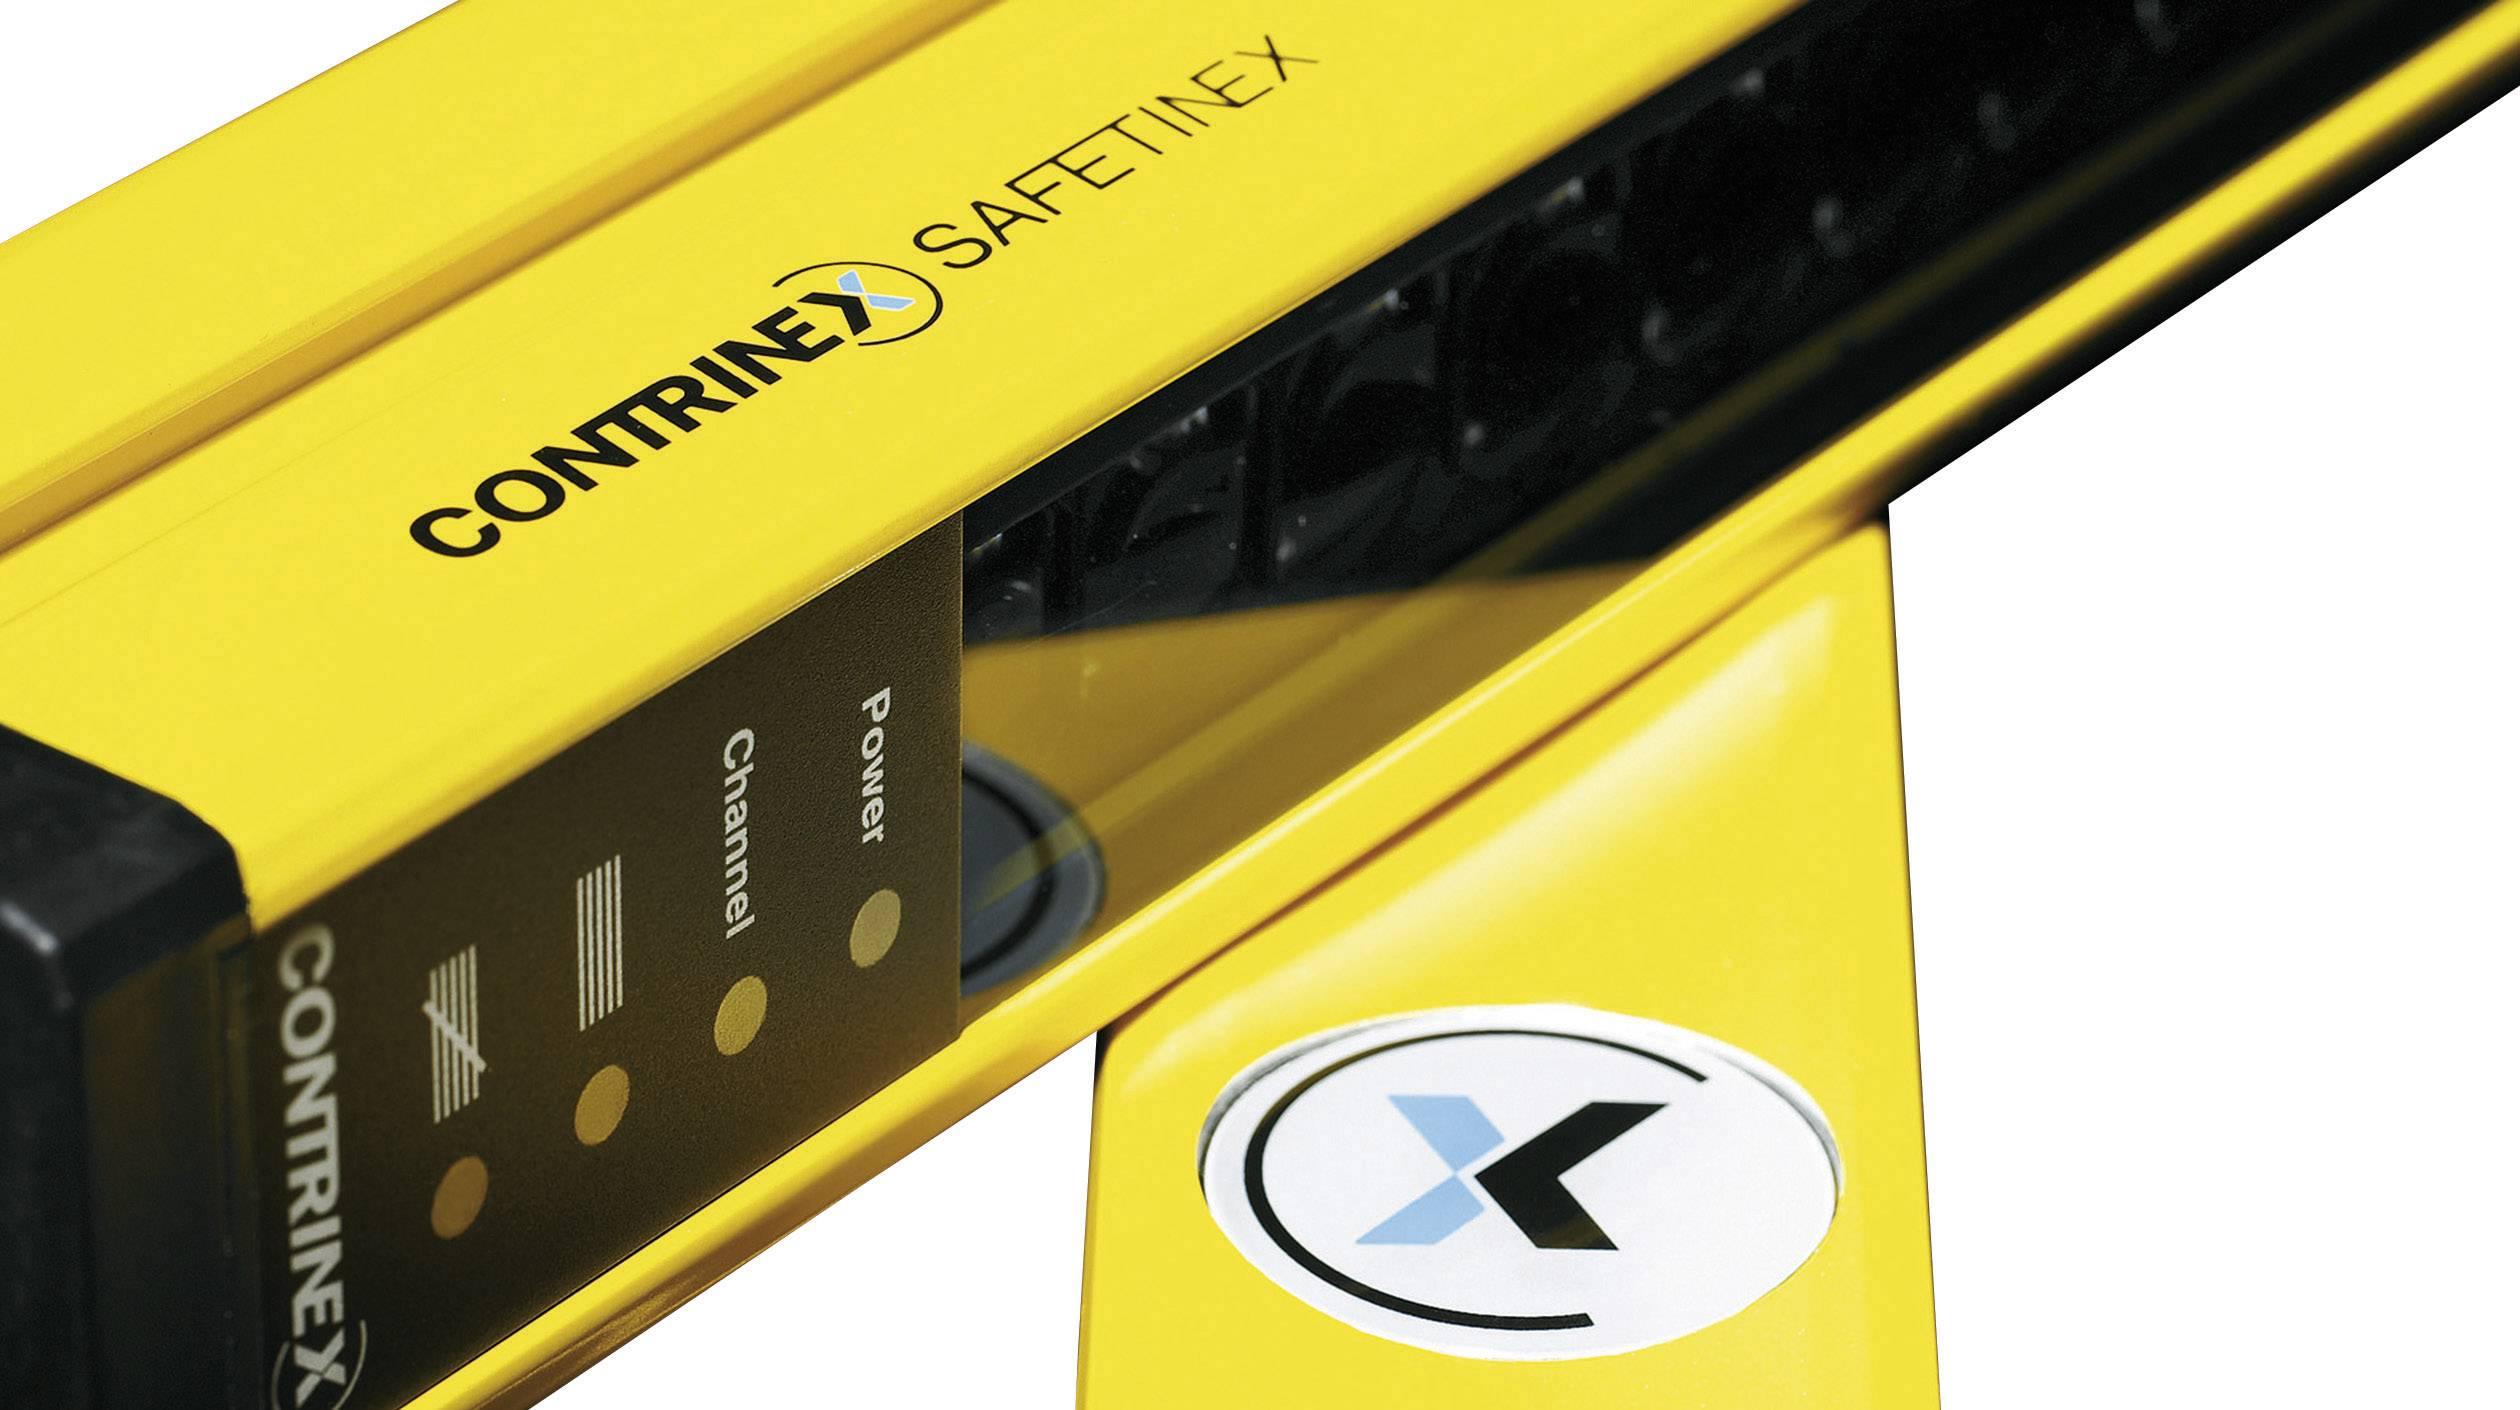 Bezpečnostní světelná závora pro ochranu rukou Contrinex YBB-30S4-0800-G012 630 000 590